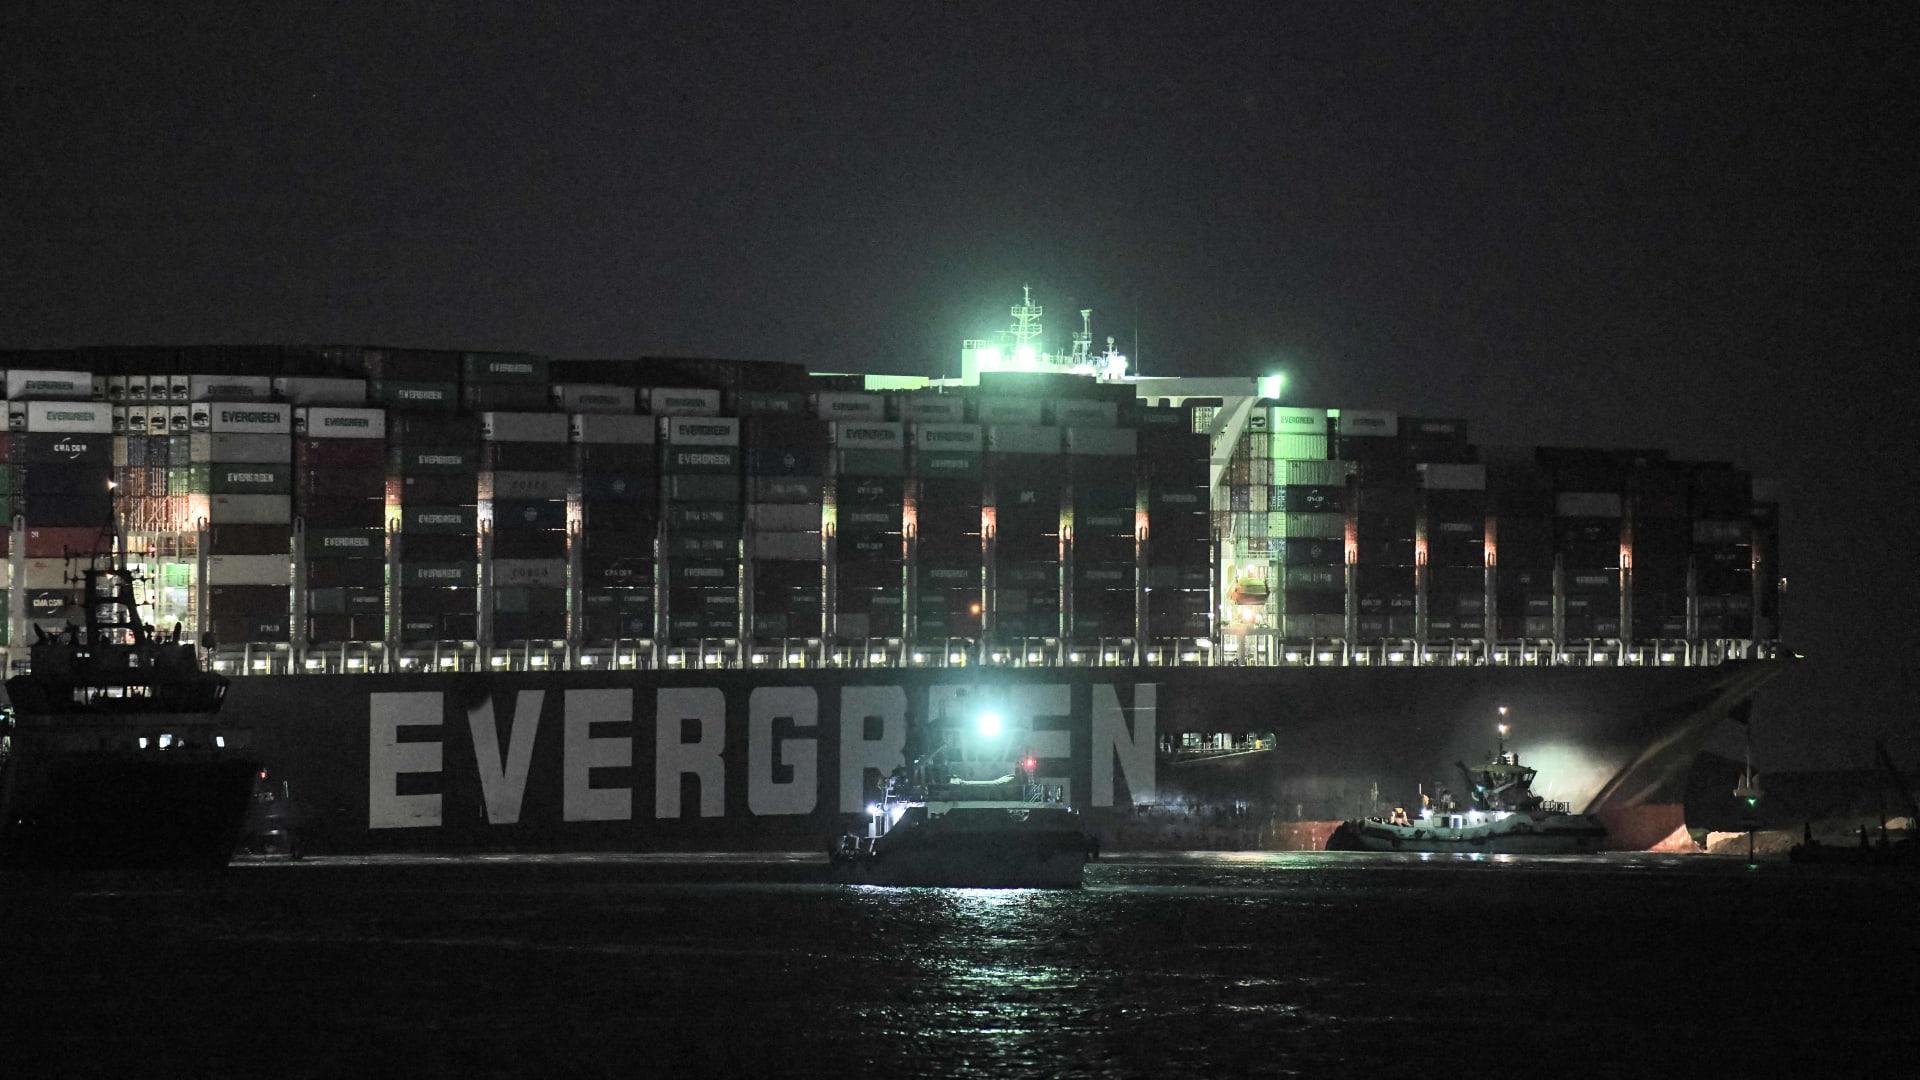 سفينة ايفر جيفن